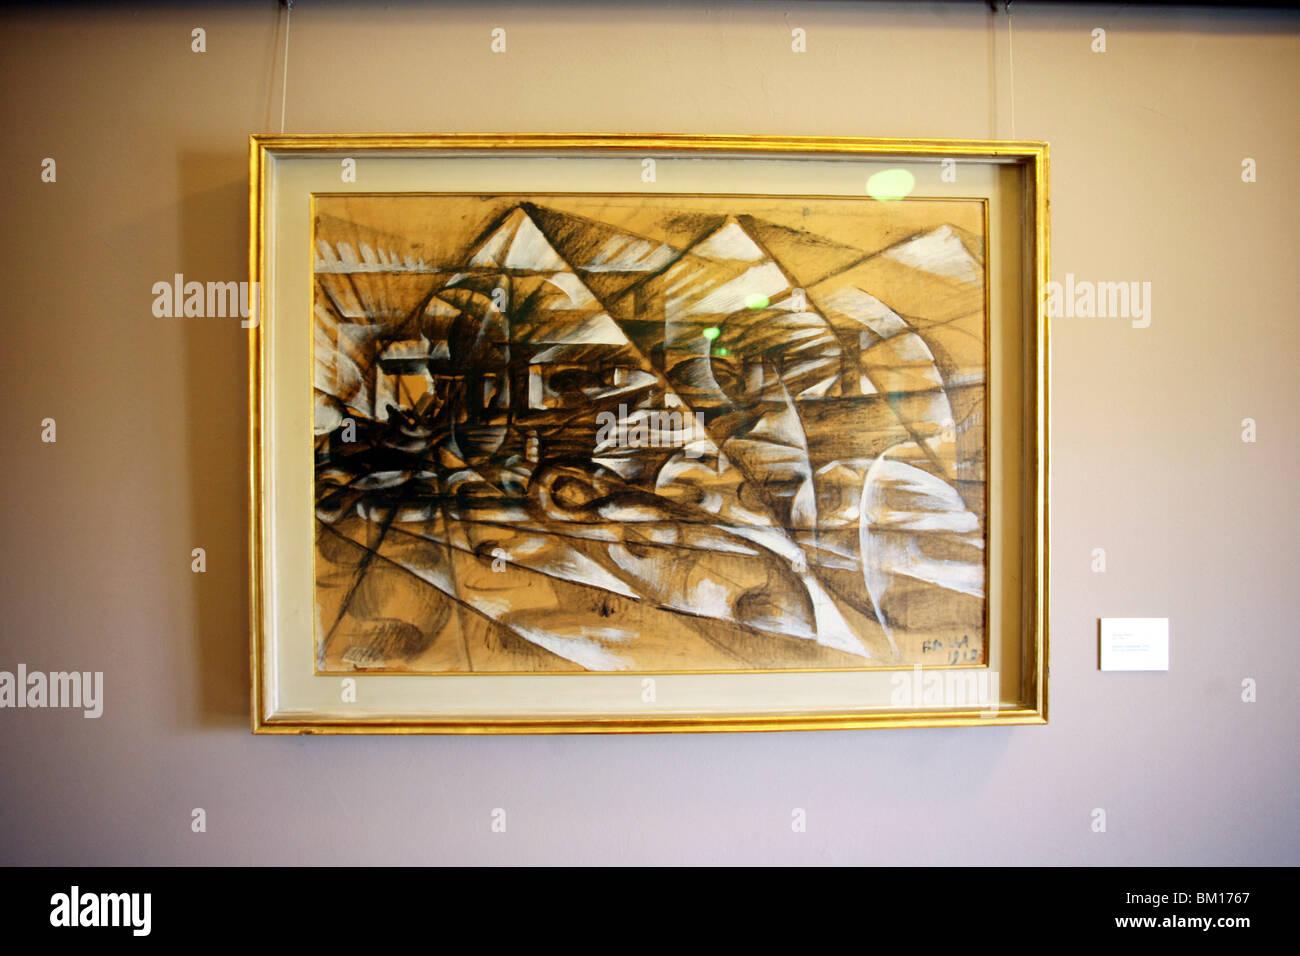 Giacomo Balla, Carlo Grassi collection, Modern Art Museum, Villa Reale, Galleria d'Arte Moderna, Milan, Lombardy, - Stock Image